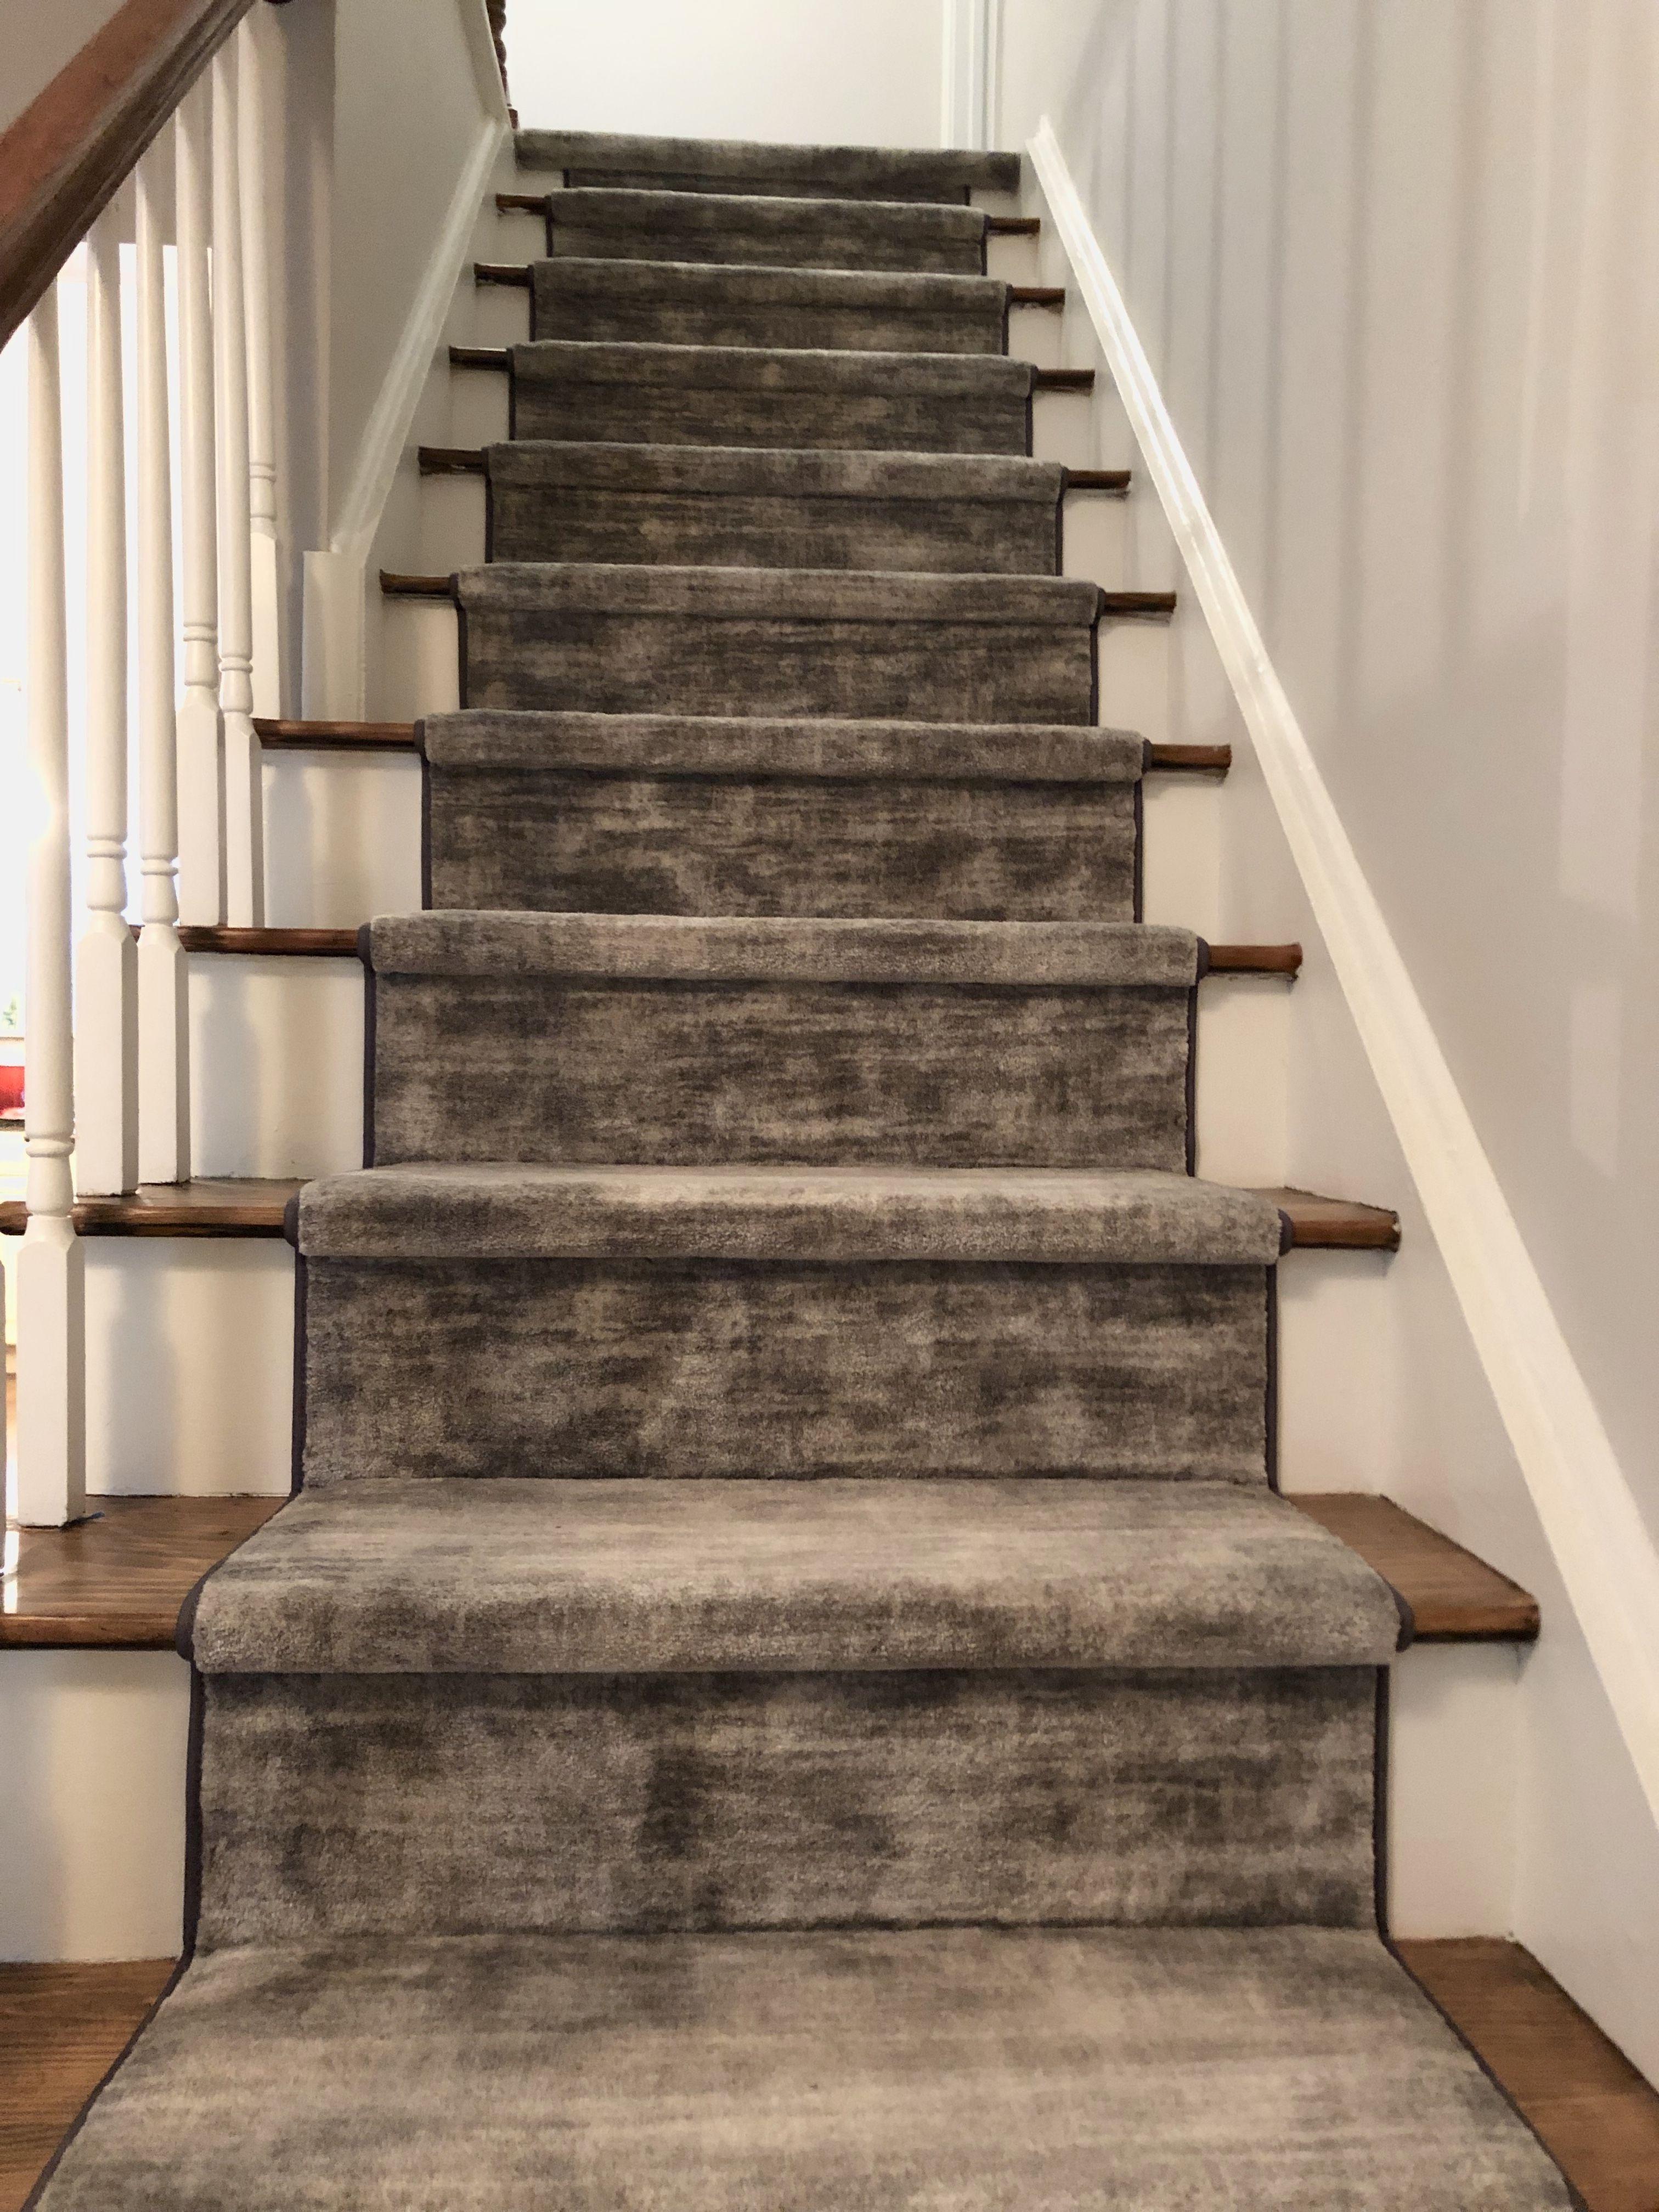 Stanton Carpet Stair Runner Stanton Carpet Stair Runner Carpet Carpet Stairs